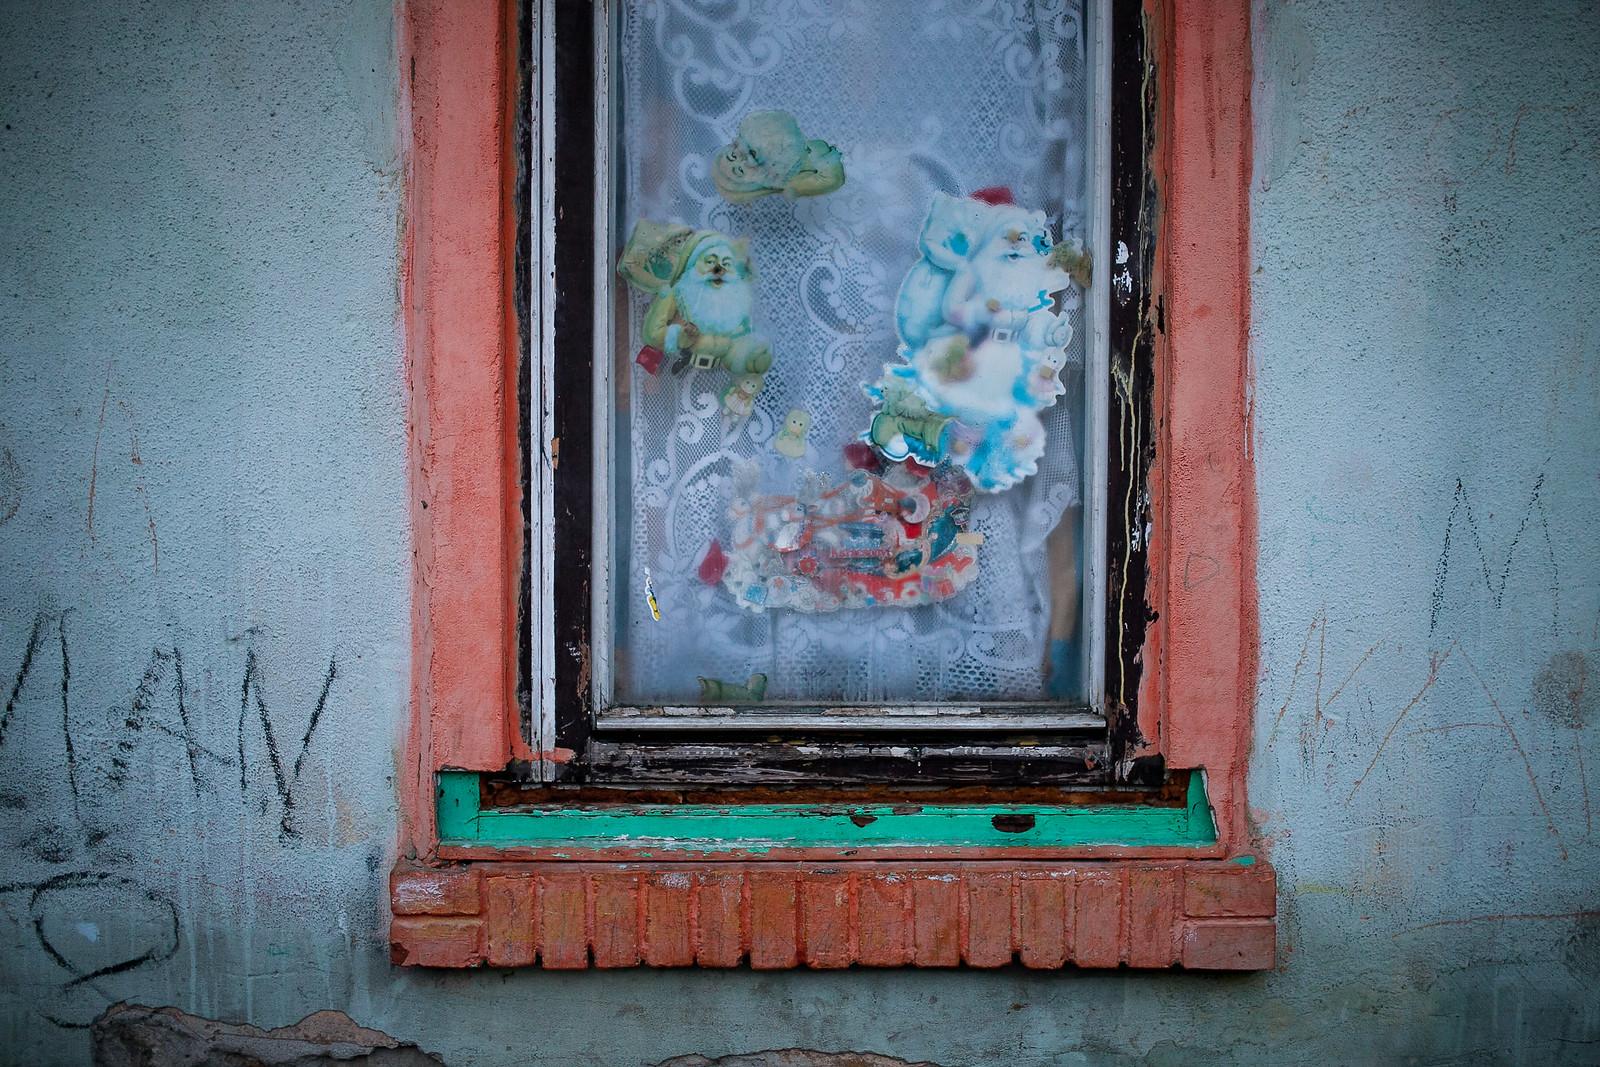 Ablak a miskolci számozott utcák egyikében | Fotó: Magócsi Márton